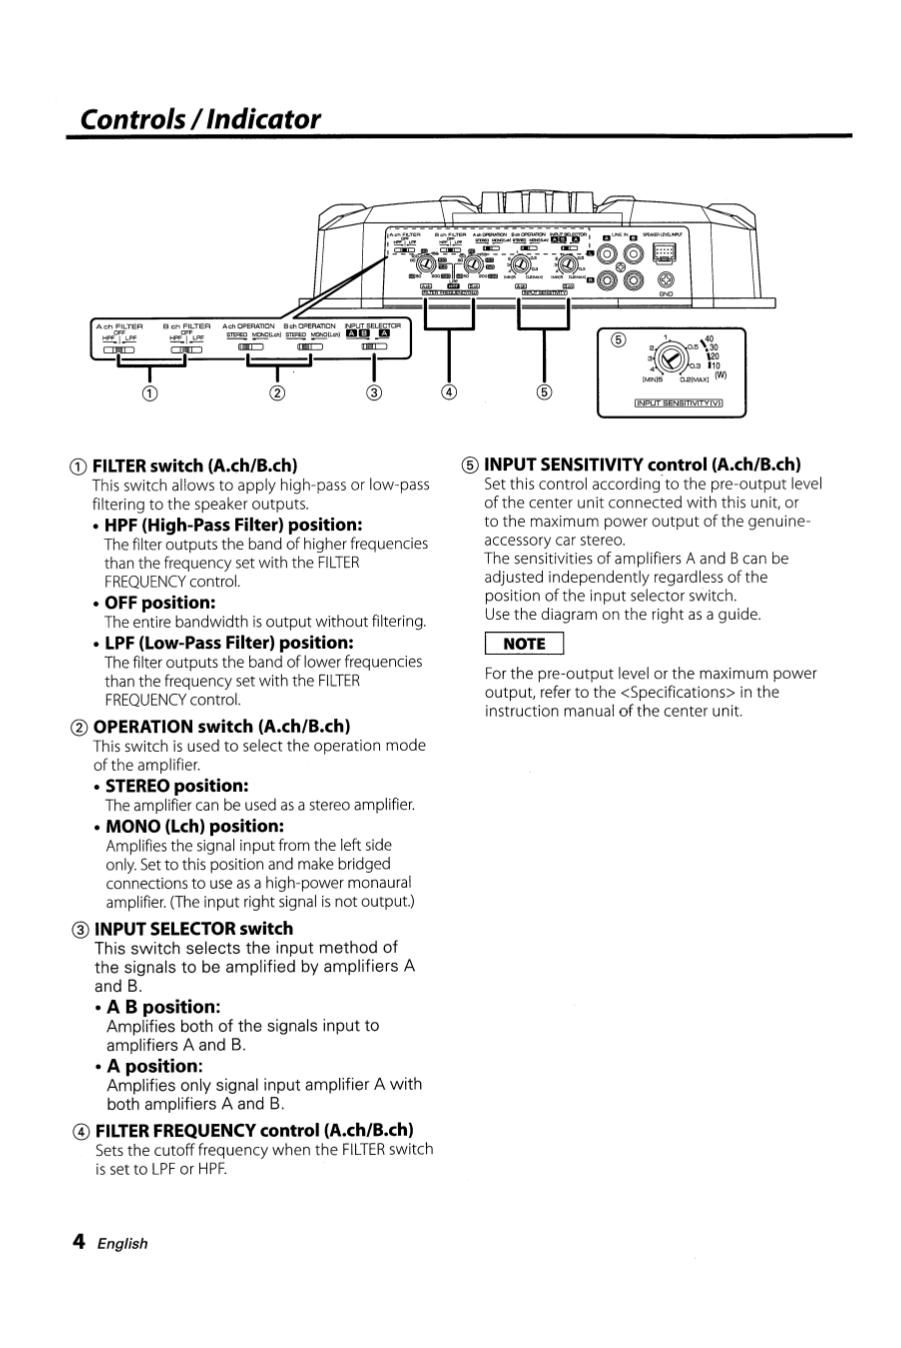 pdf manual for kenwood car amplifier kac 6402 rh umlib com Kenwood Amplifier 301T Kenwood KAC- 8405